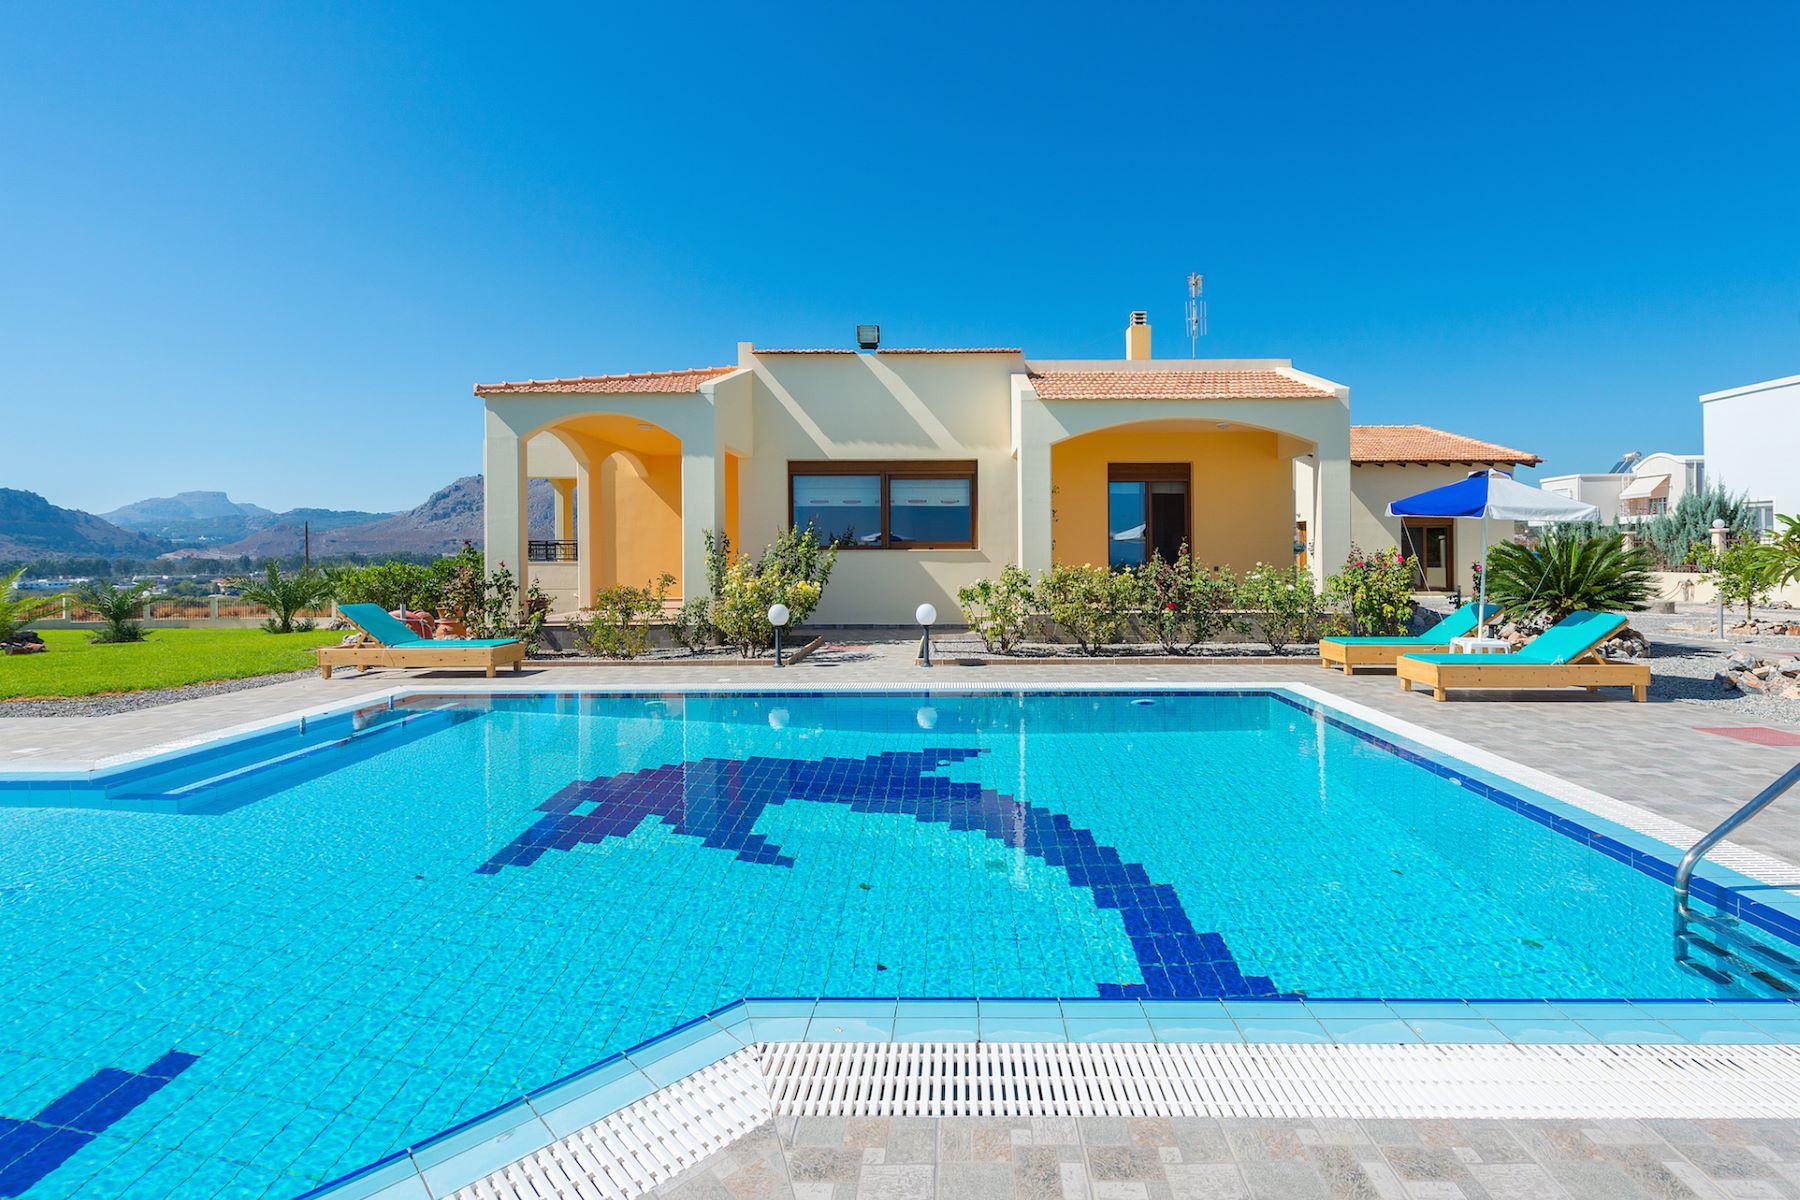 独户住宅 为 销售 在 Luxurious Landscape 罗兹岛, 爱海琴南部, 希腊